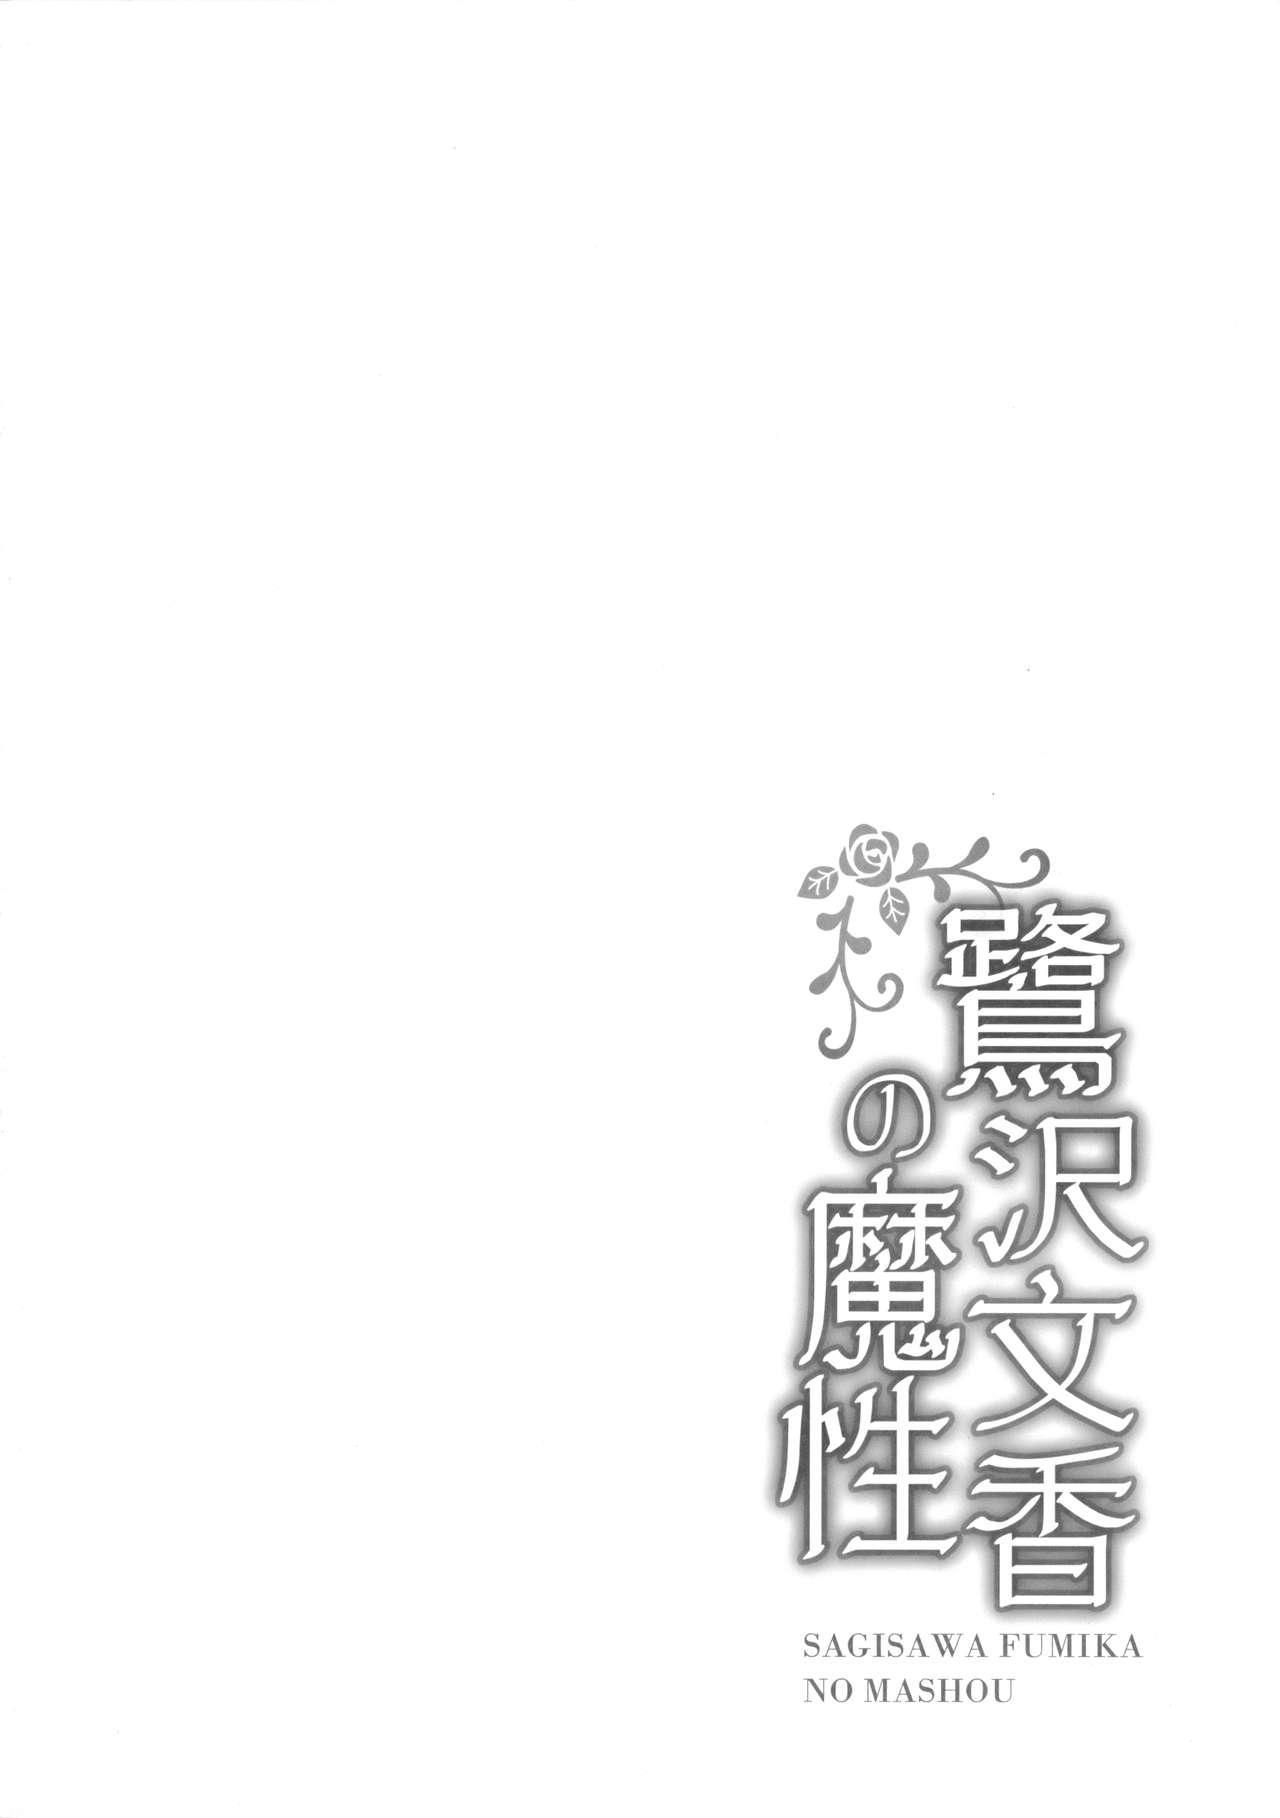 Sagisawa Fumika no Mashou | The Devilishness of Fumika Sagisawa 2